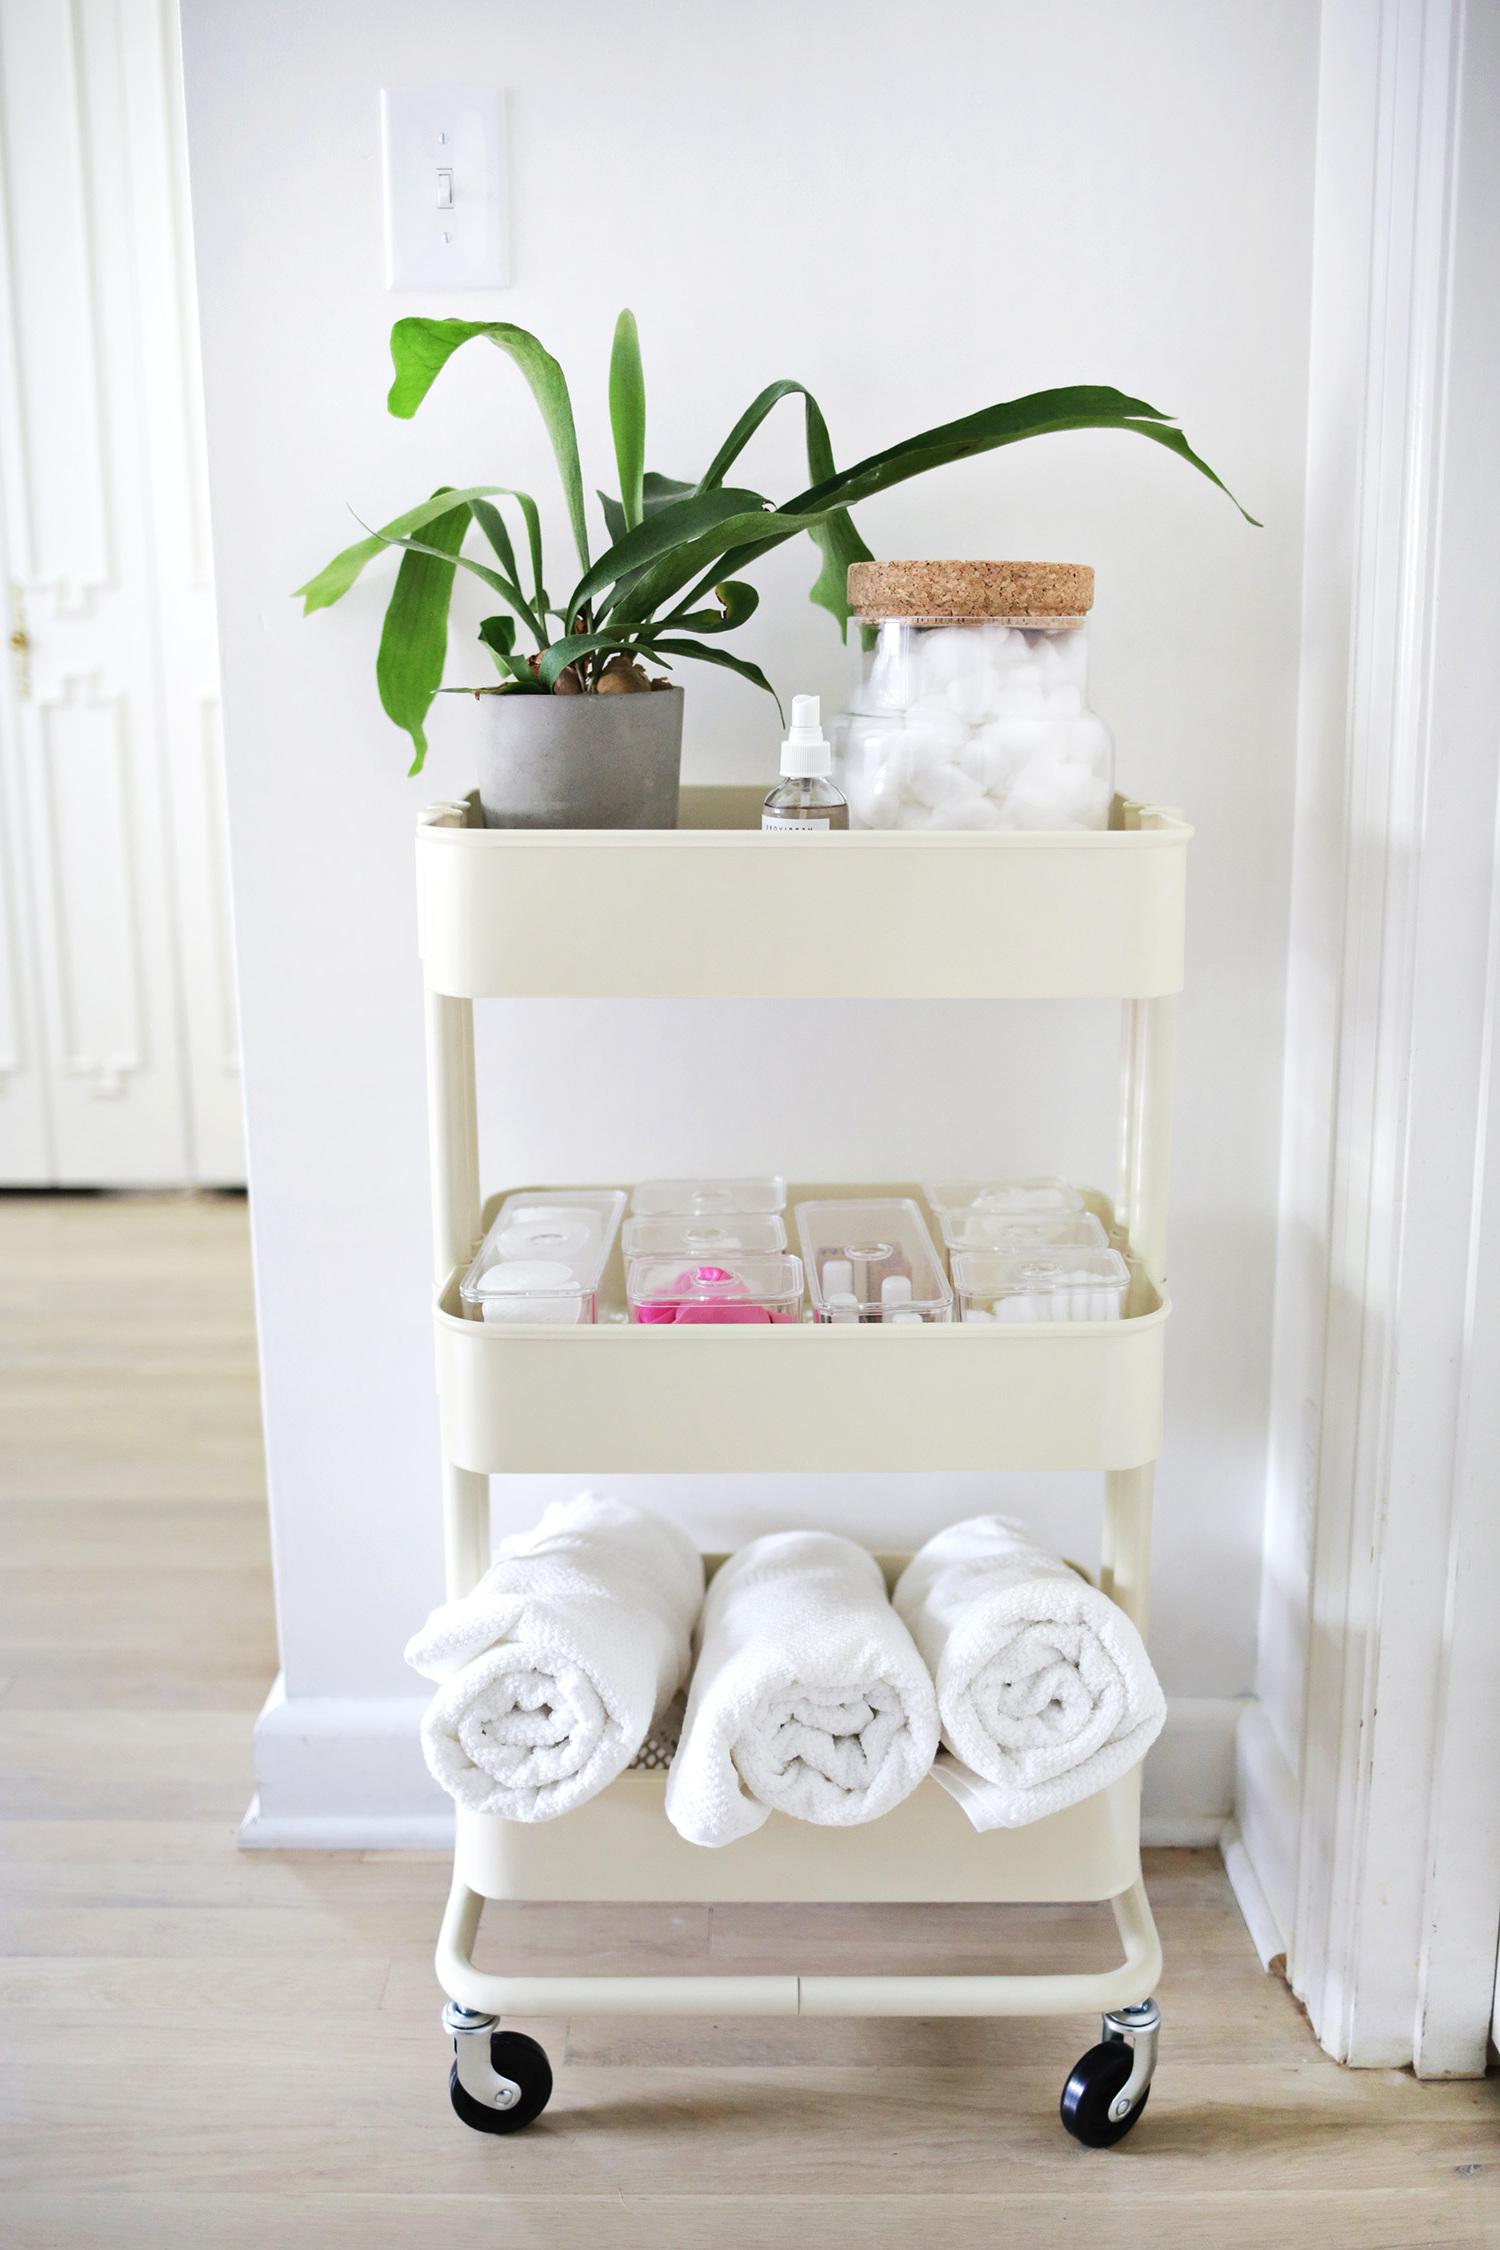 IKEA fahrbares Regal - voller Funktionalität und Feinheit